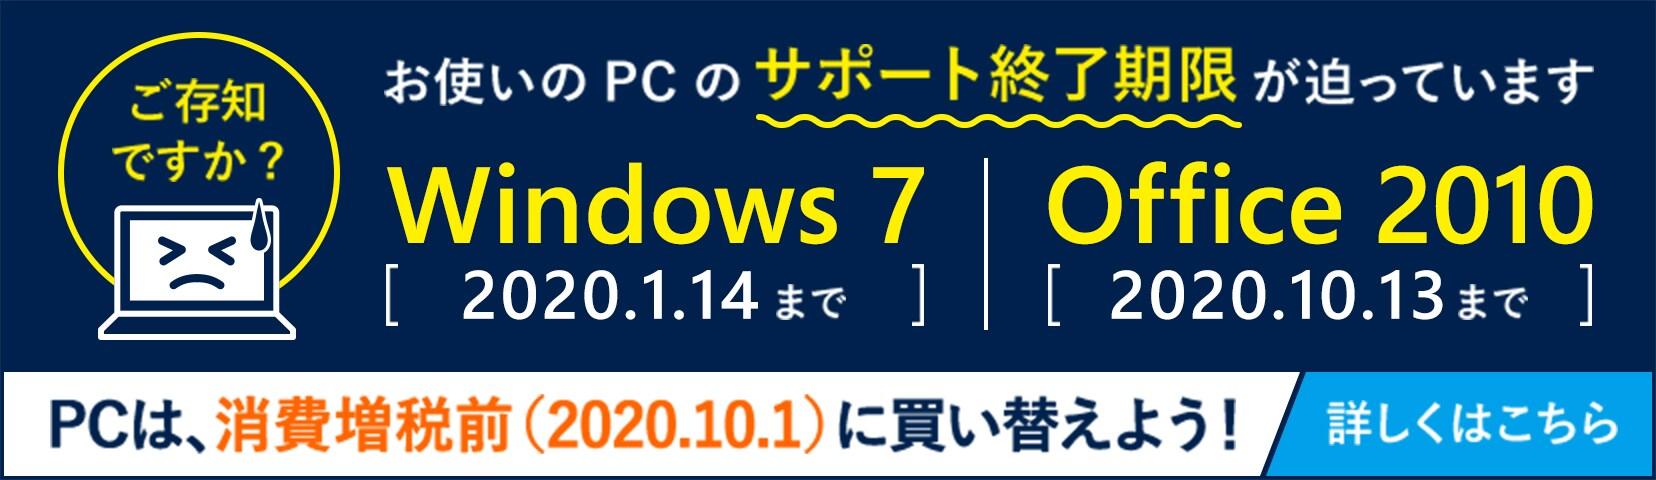 ご存知ですか?お使いのPCのサポート終了期限が迫っています Windows 7 2020.1.14まで | Office 2010 2020.10.13まで